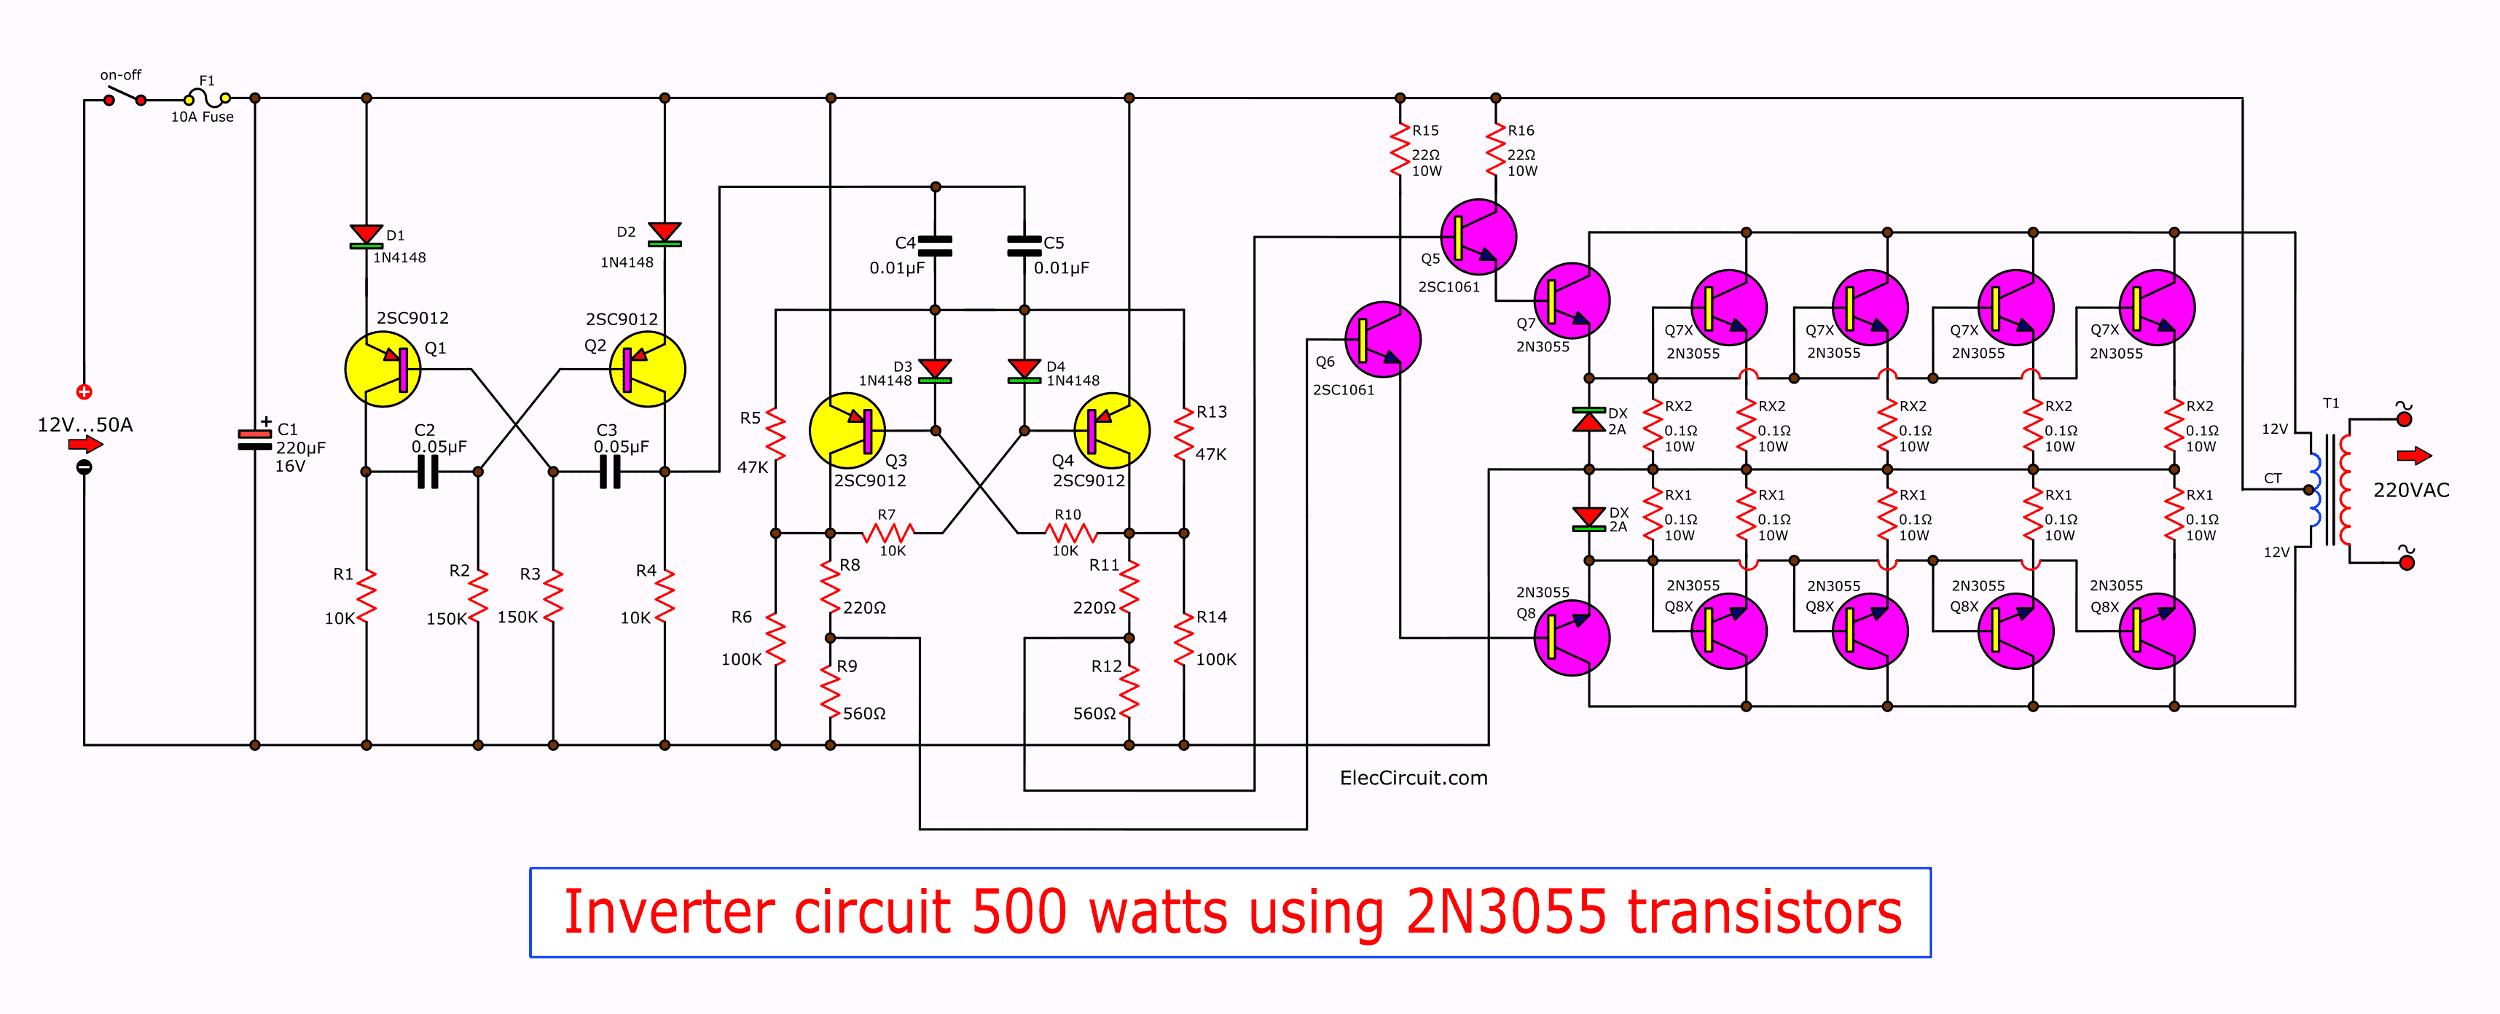 24v To 220v Inverter Circuit 300W Power